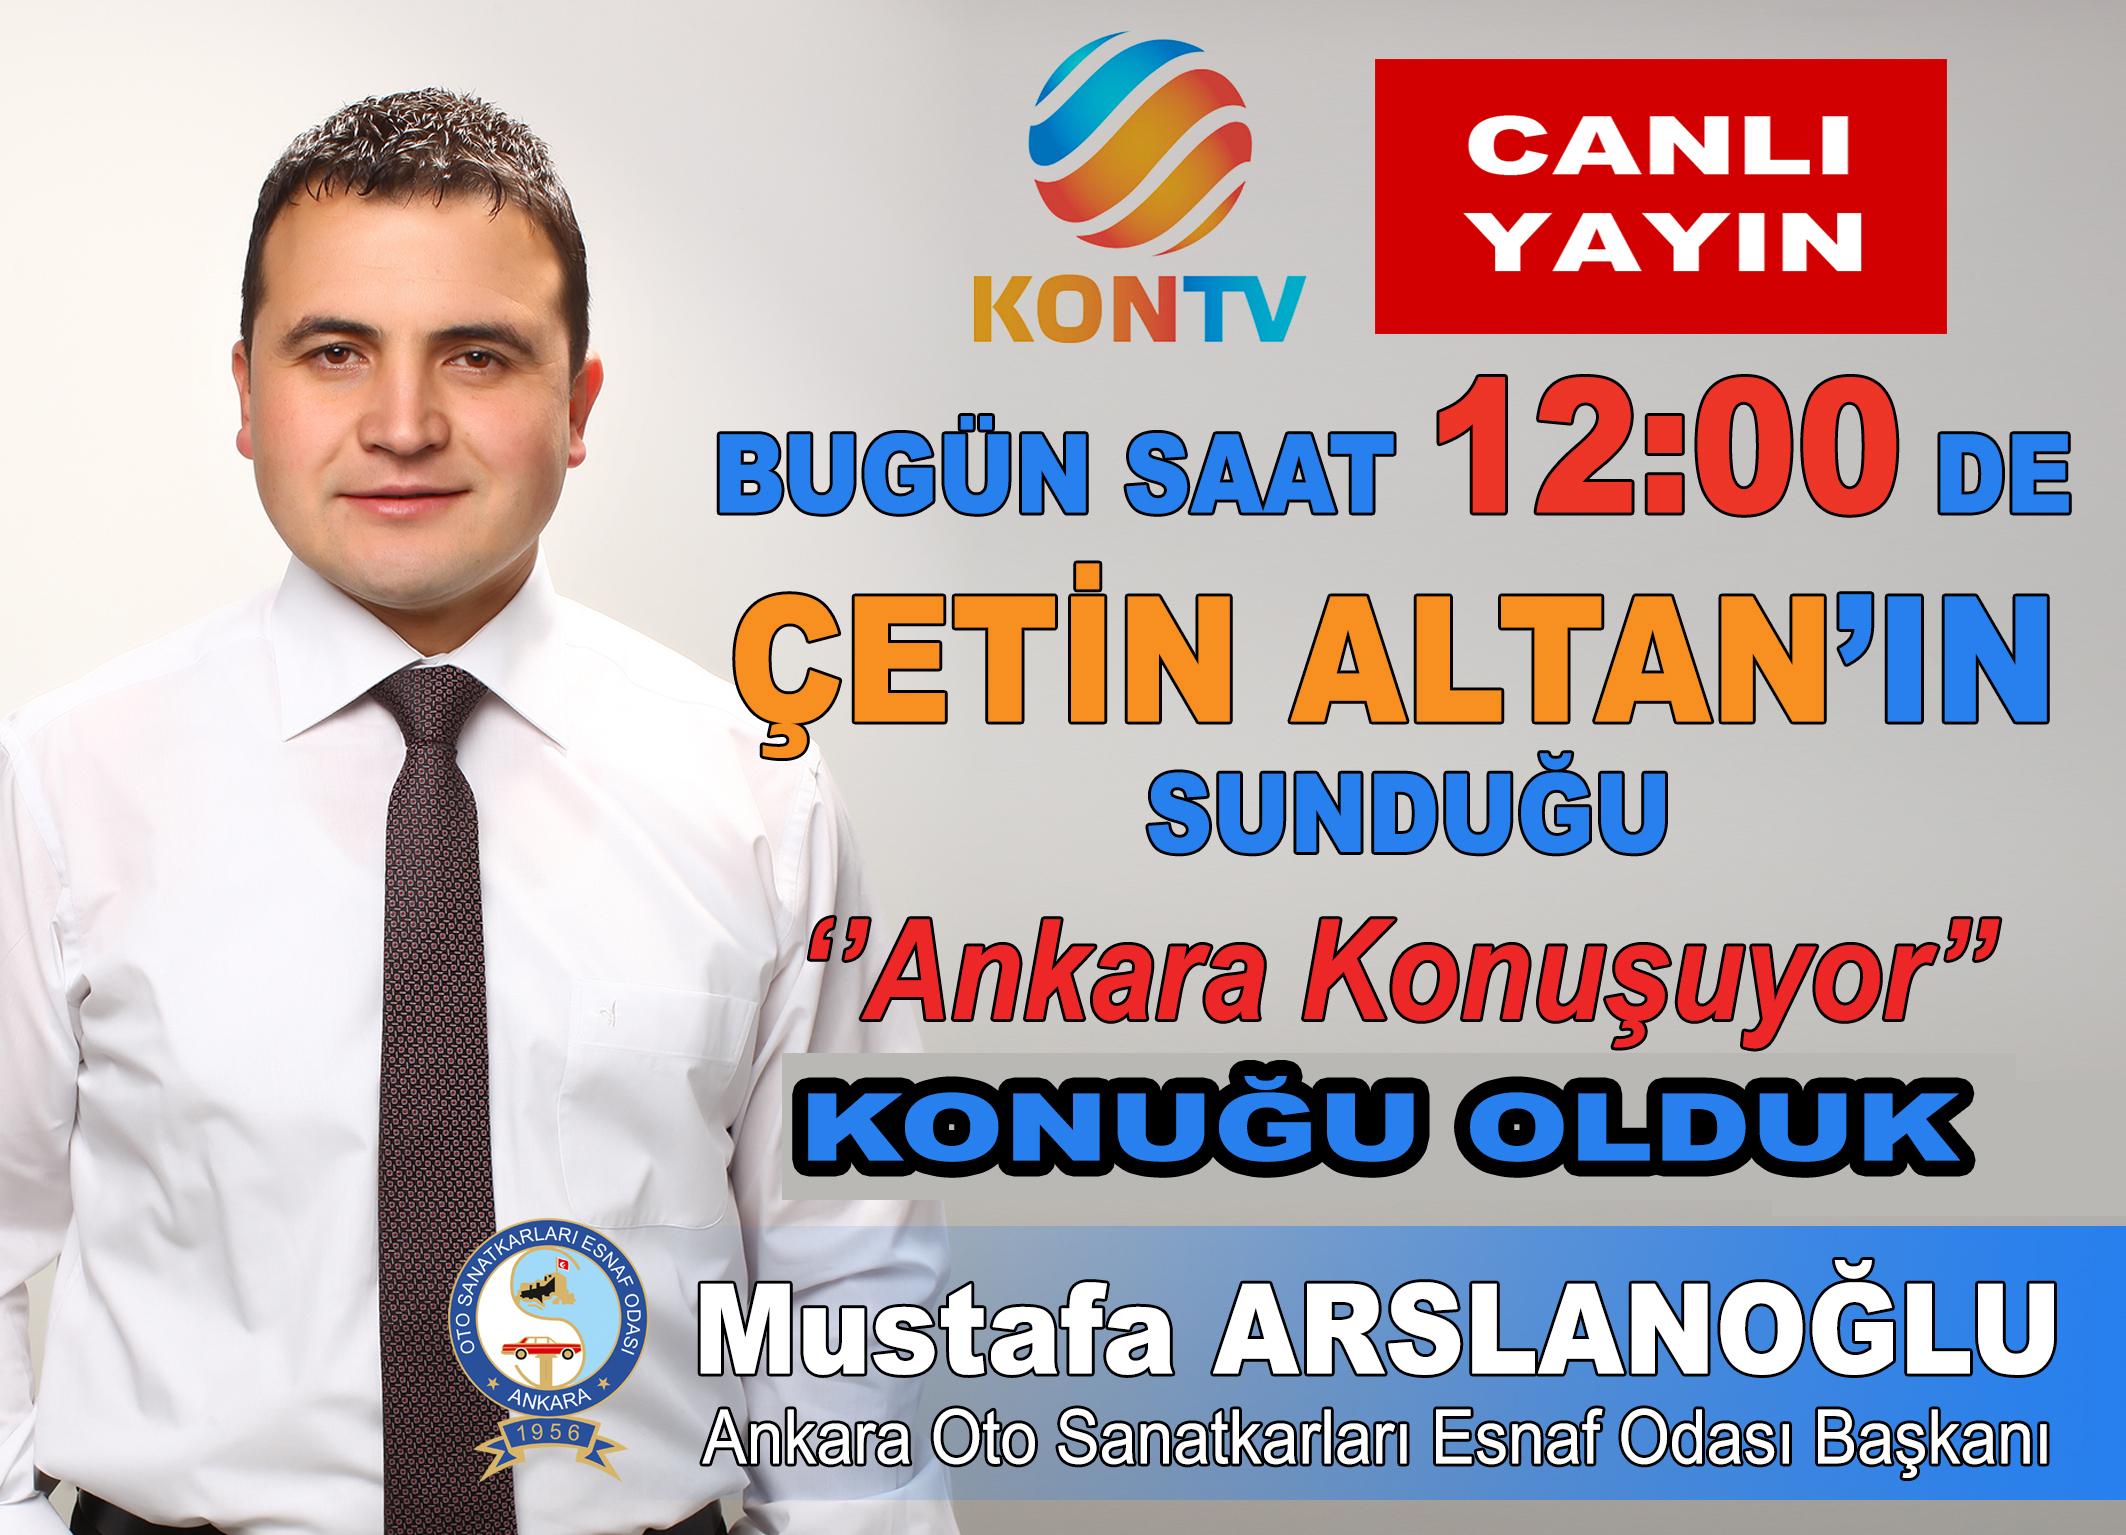 KON TV ÇETİN ALTAN'IN CANLI YAYIN KONUĞU OLDUK